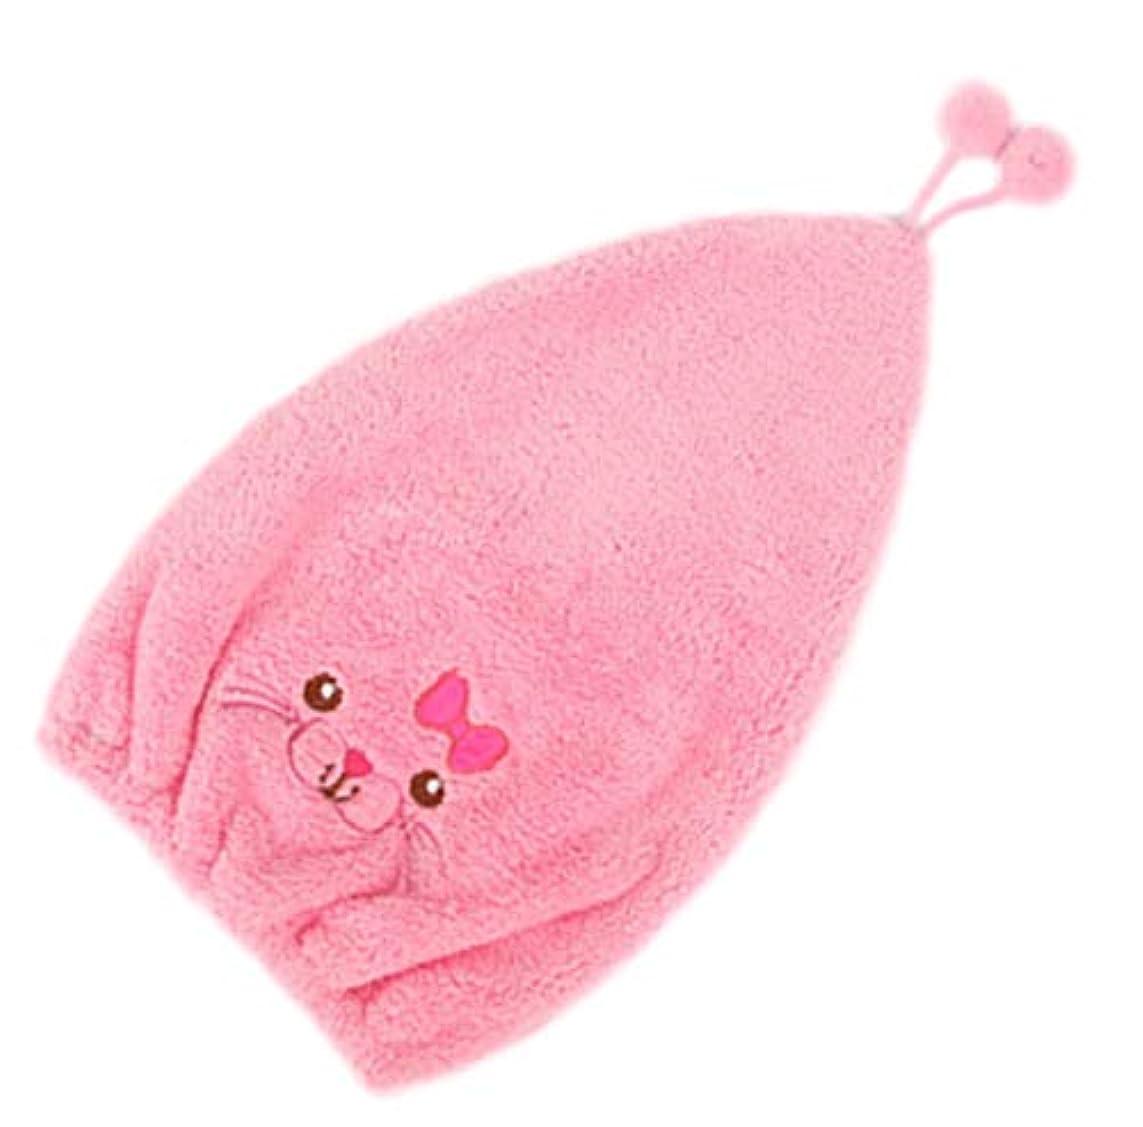 教育学石膏処分したプール タオルキャップ キッズ 子供 キャップ タオル ヘアターバン 吸水 きゃっぷ 女の子 バスキャップ (ピンク)